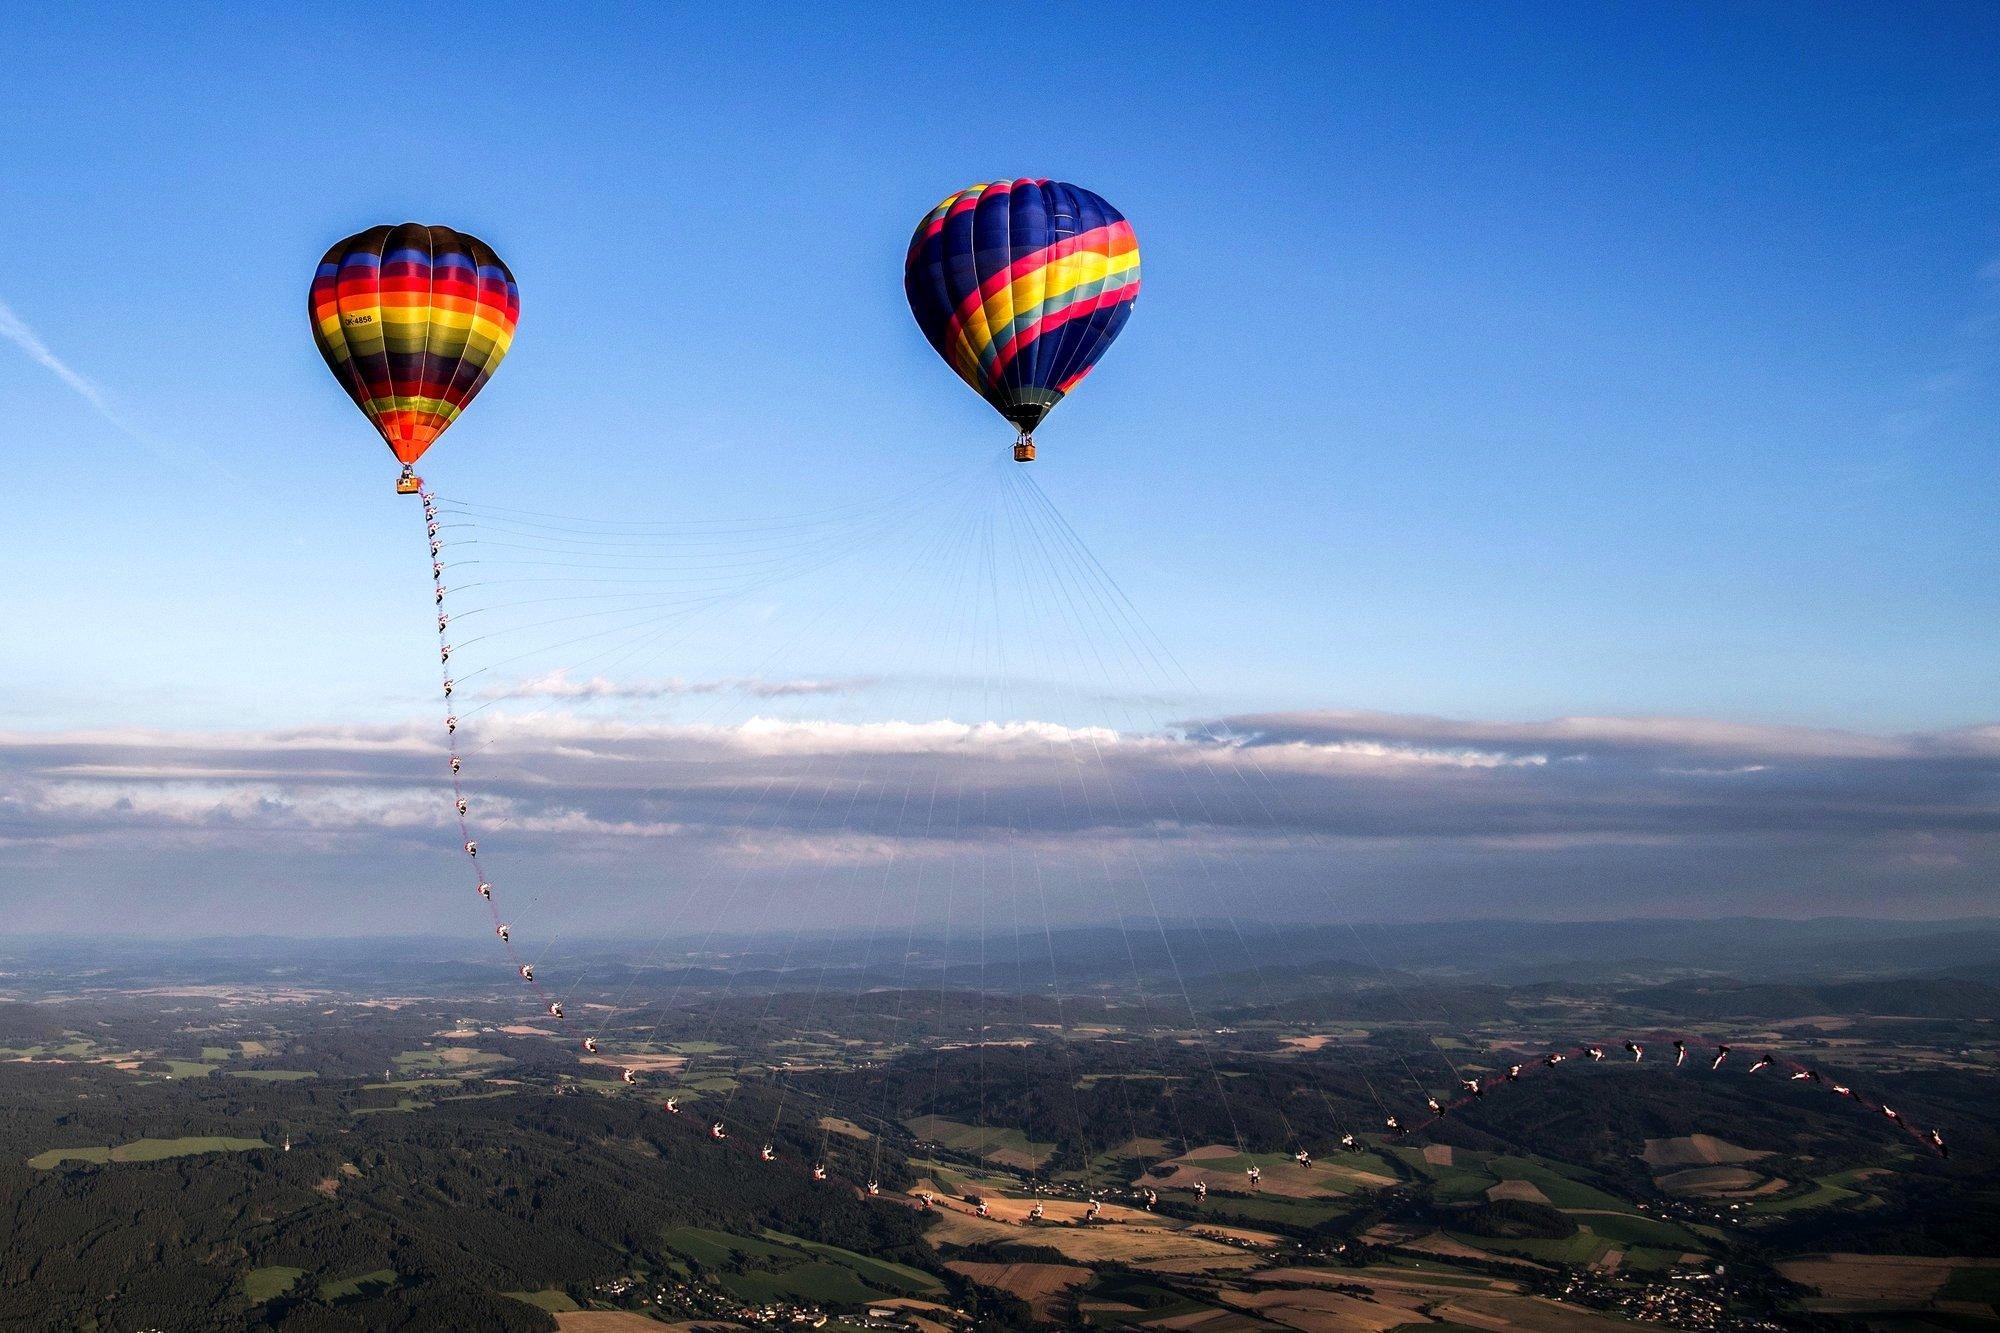 Nach dem Sprung schwingen die Fallschirmspringer bis zum nächsten Hochpunkt, um dort abzuspringen.